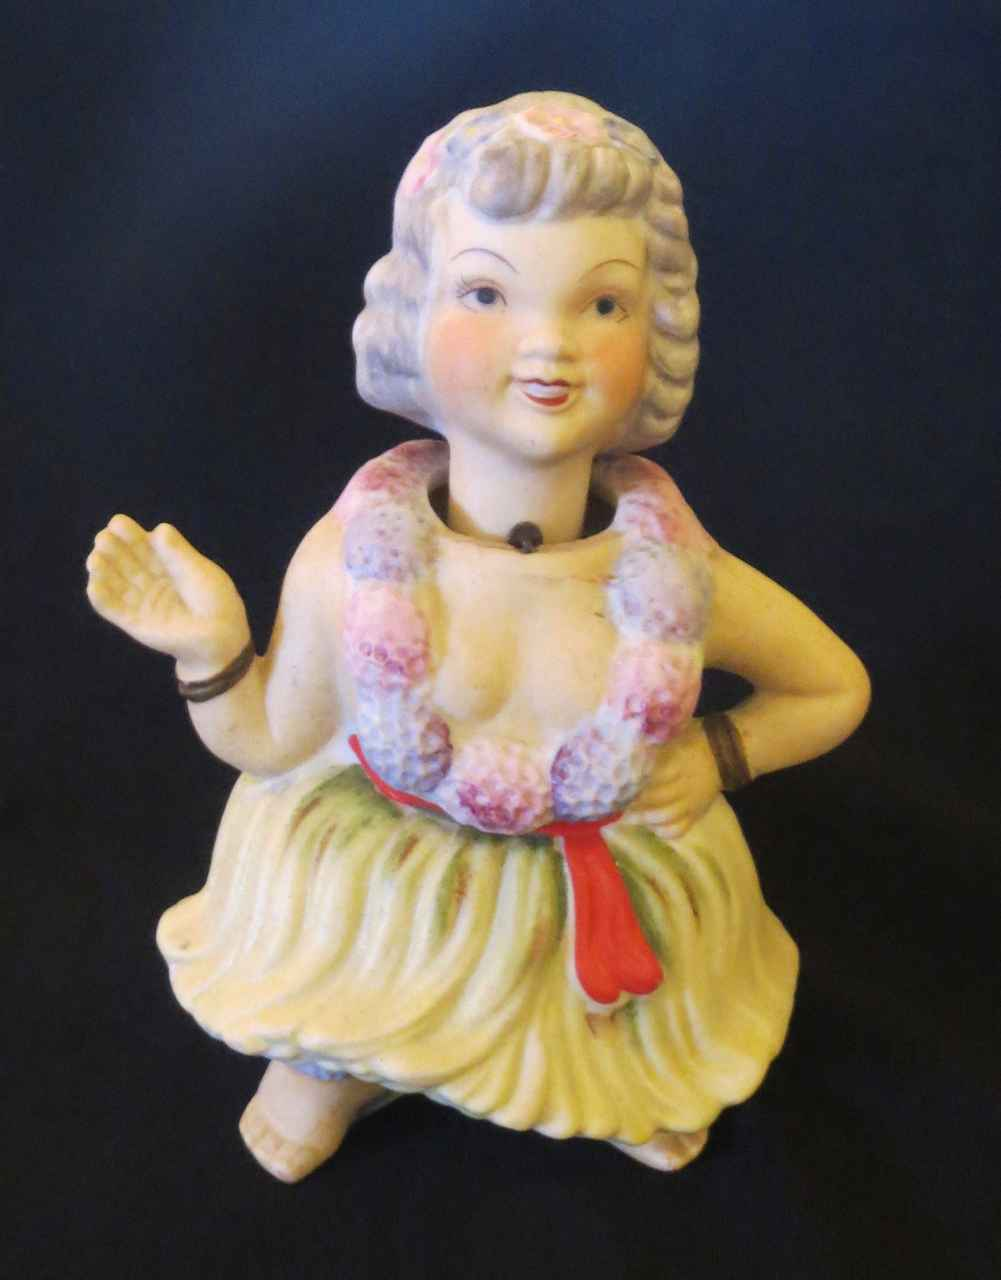 Hawaiian Nodder Doll by   Unknown - Masterpiece Online